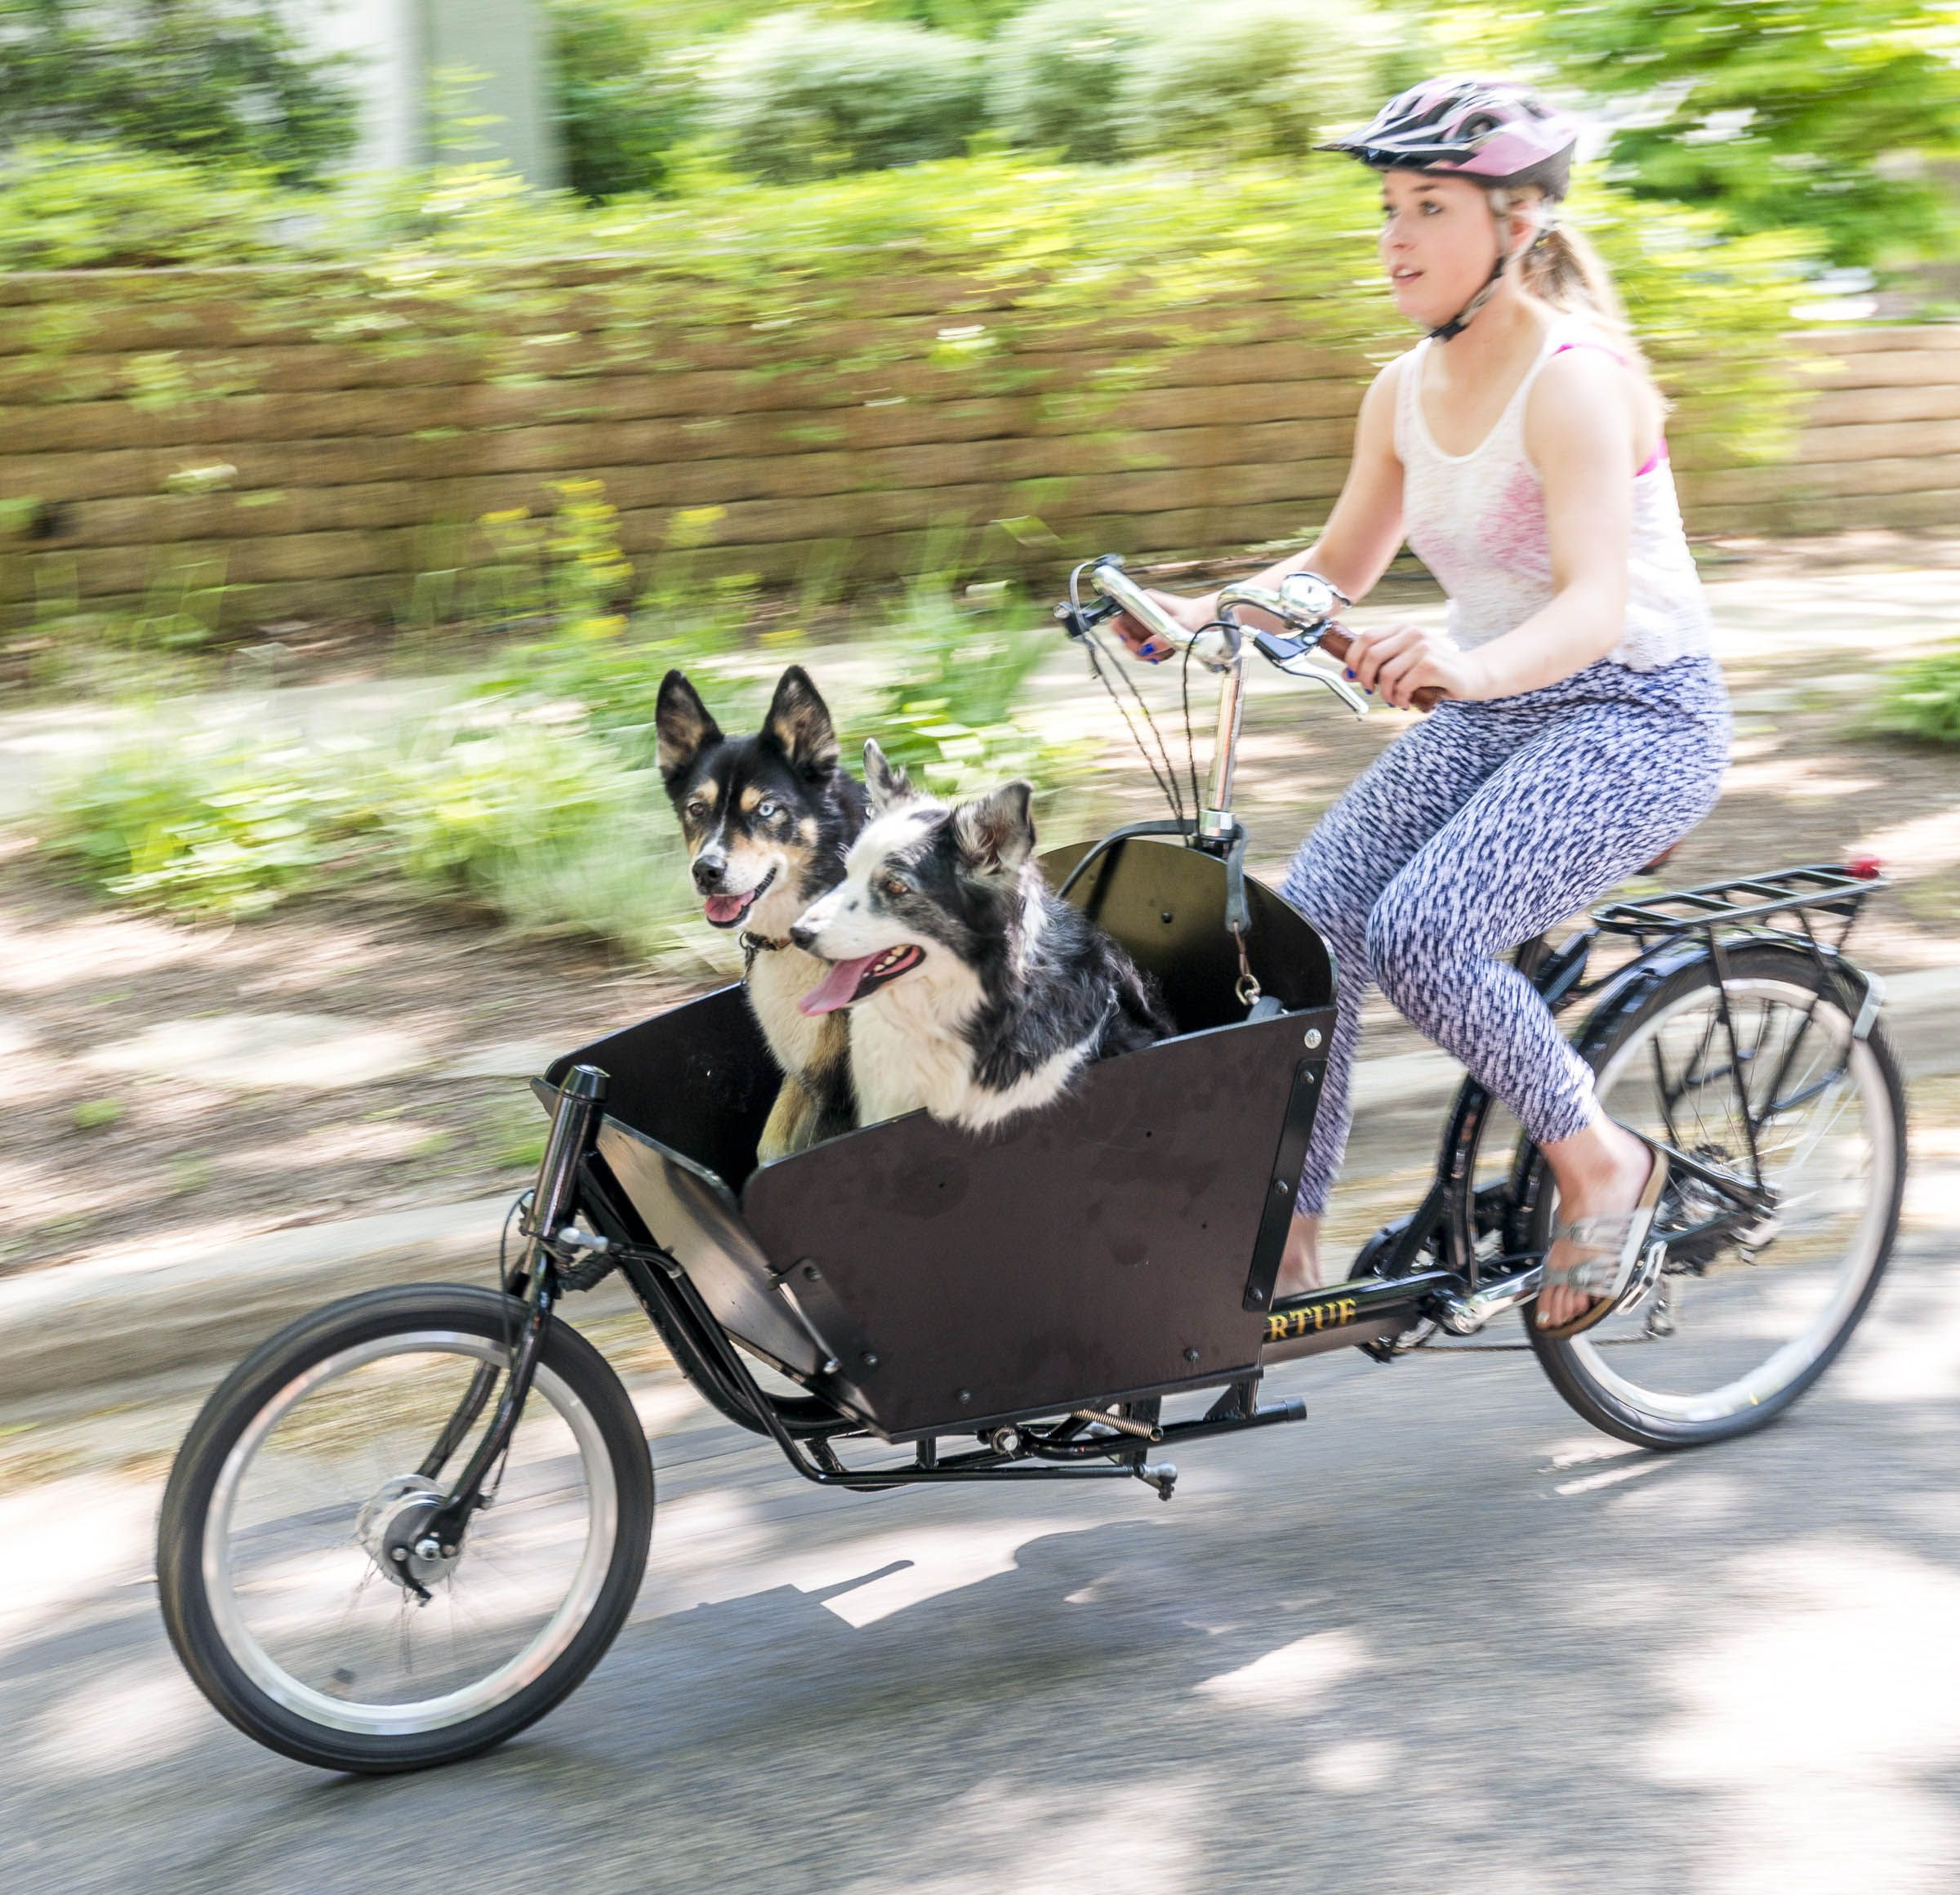 Bike Czar How To Transport Dogs By Bike Bike Riding Benefits Dog Bike Carrier Biking With Dog